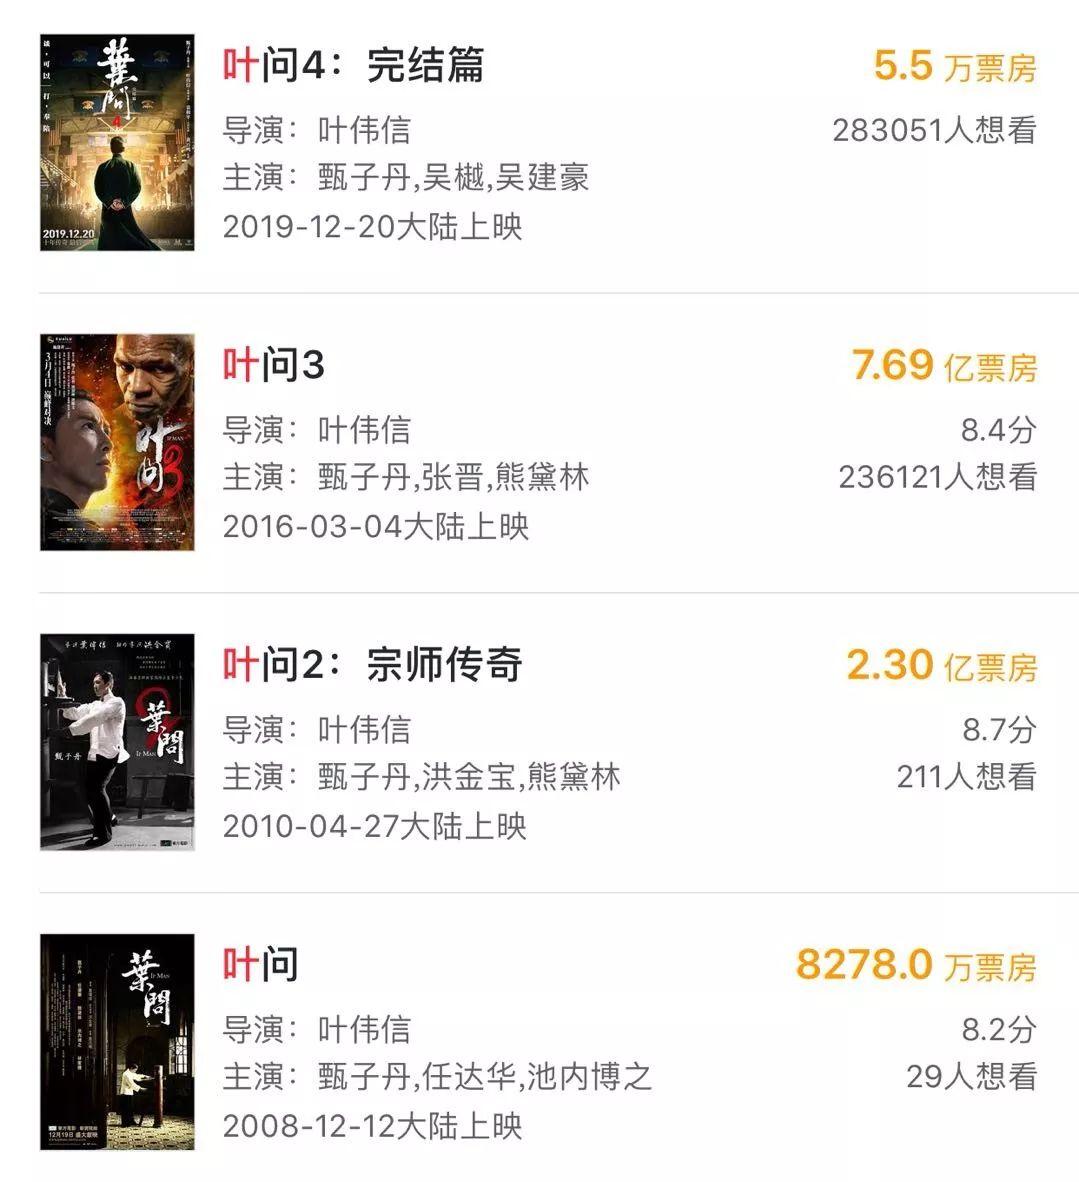 《叶问4》上映,这是56岁甄子丹最后一部功夫片